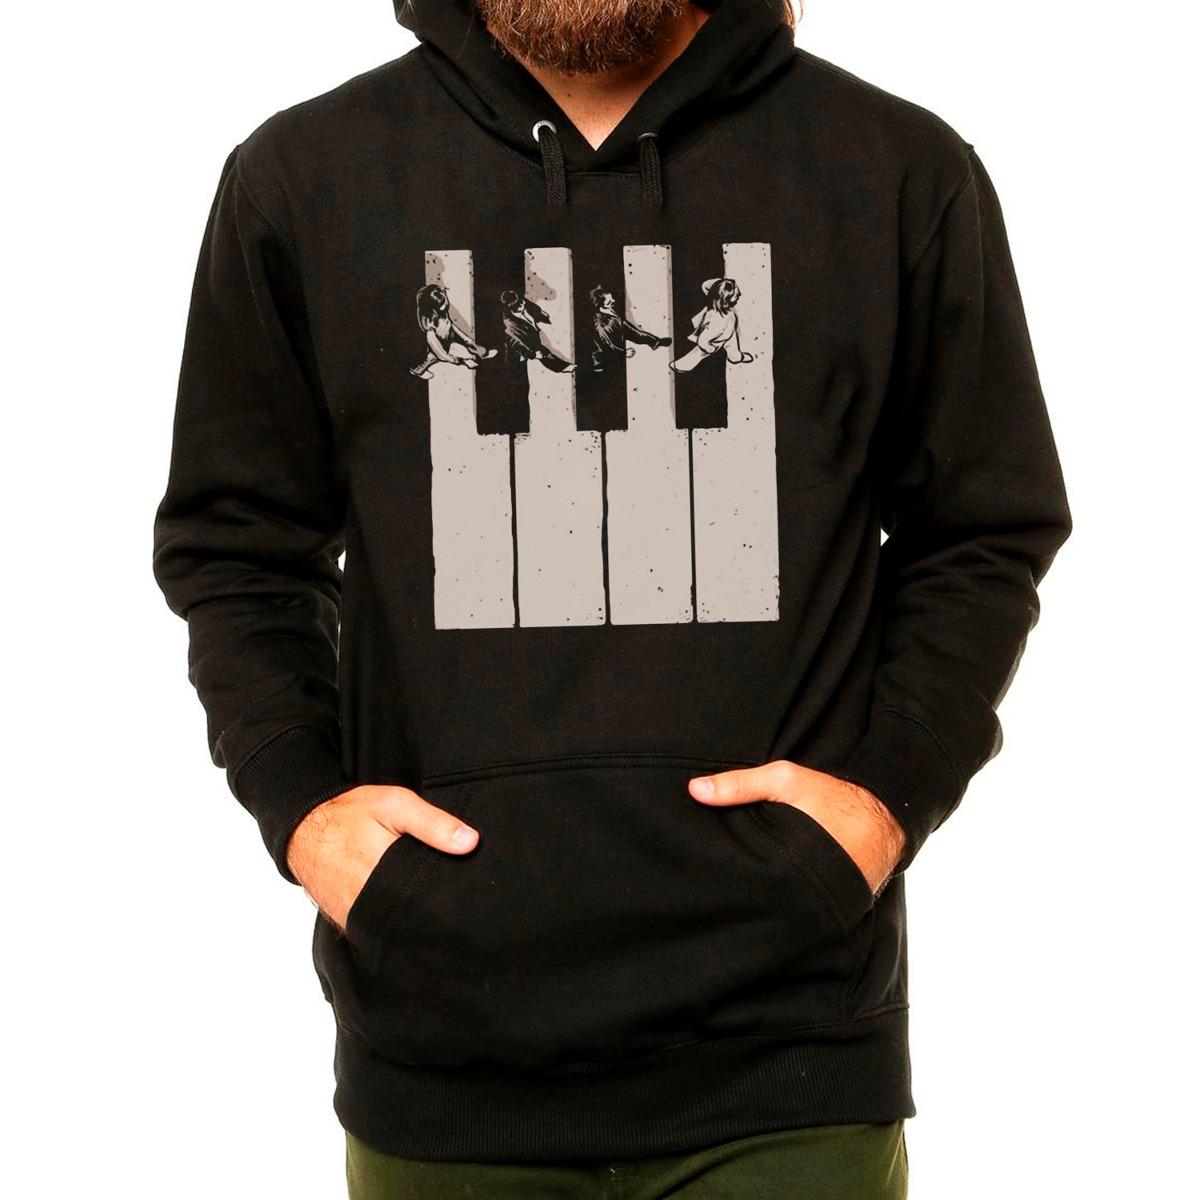 b271ebf5a blusa de frio moletom banda the rock musica capuz. Carregando zoom.